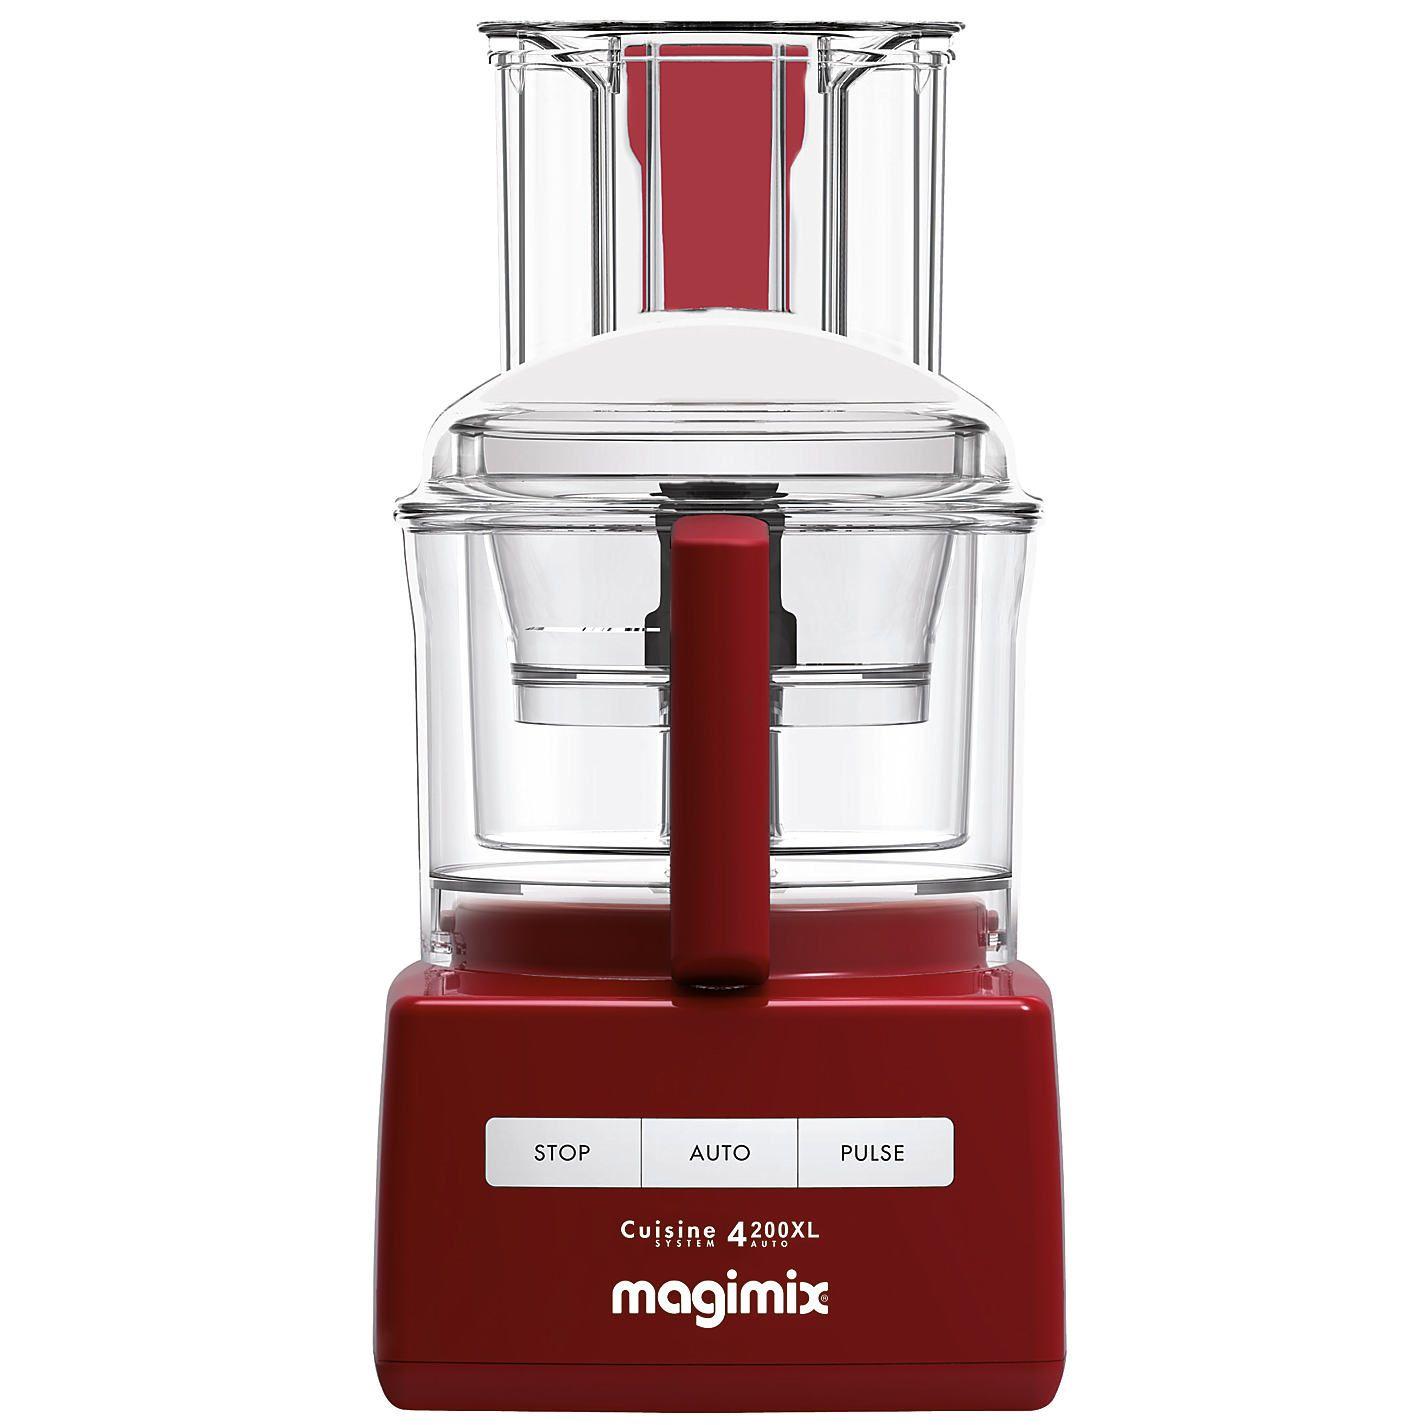 Magimix 4200xl Blendermix Food Processor Red Food Processor Recipes Baking Equipment Food